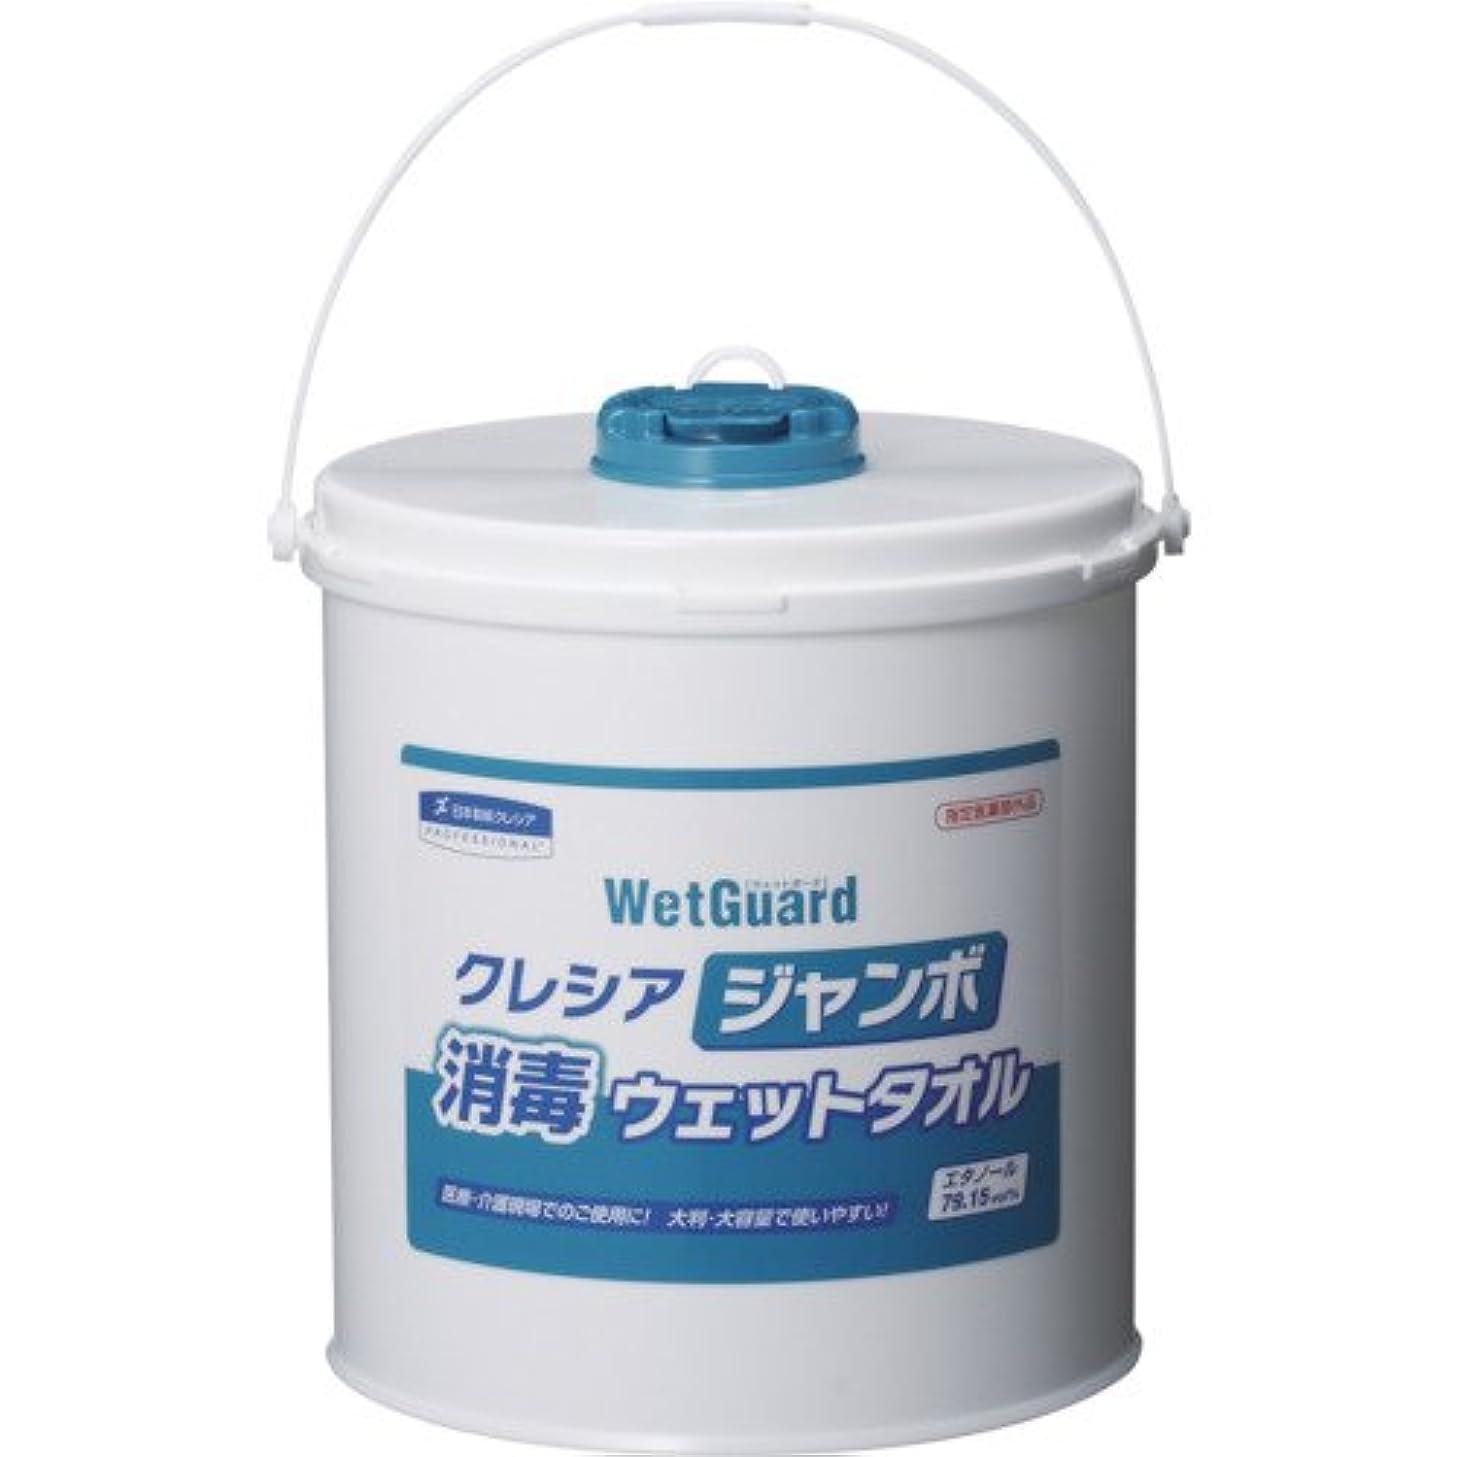 廃棄青隣人日本製紙クレシア クレシア ジャンボ消毒ウエットタオル本体